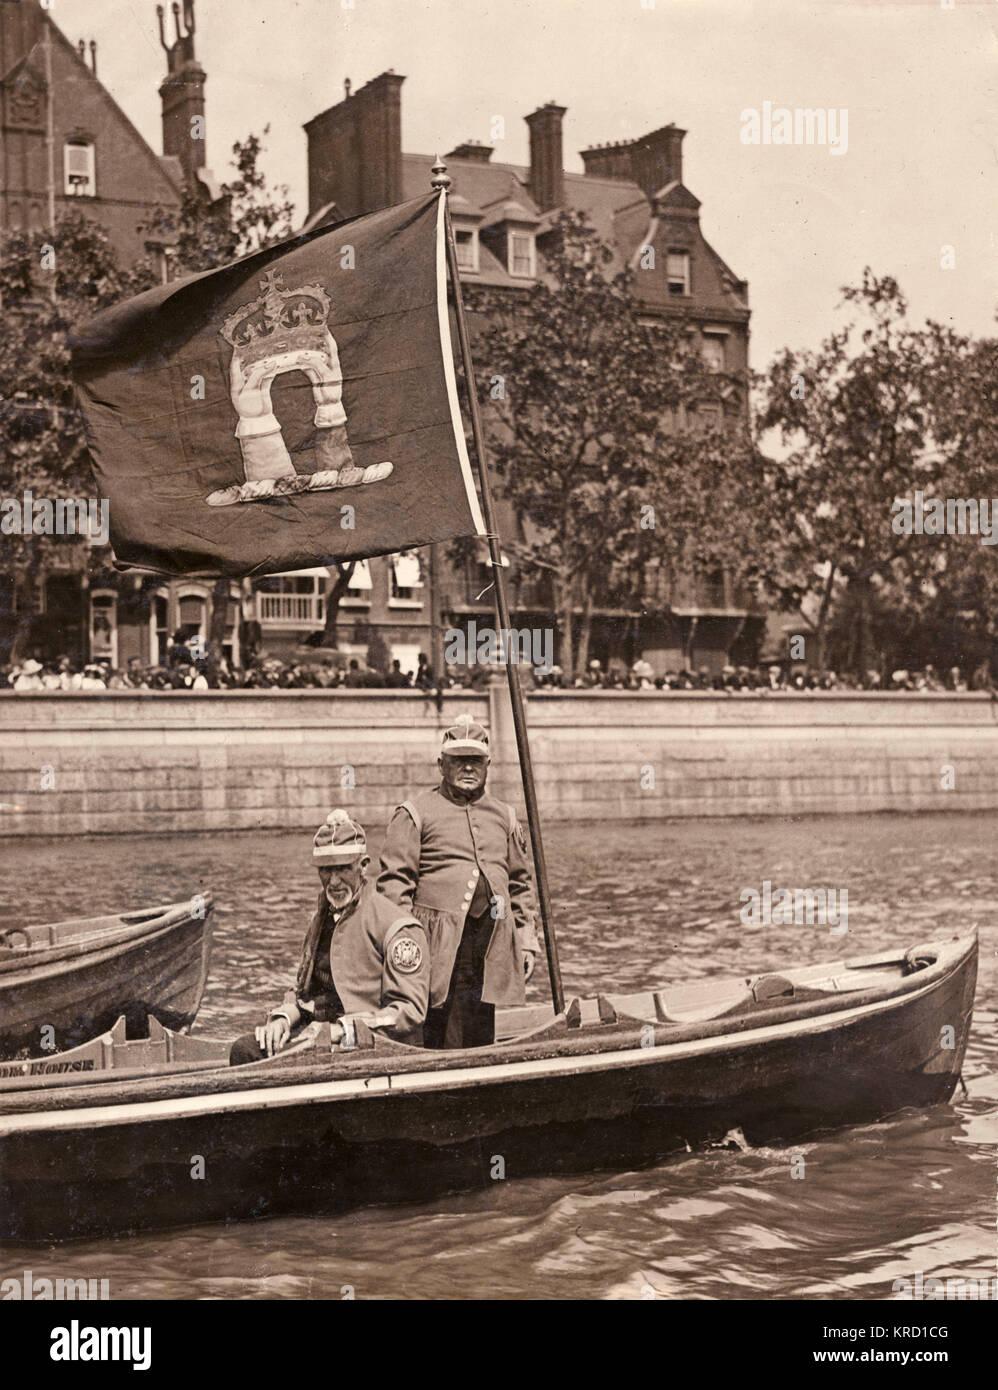 Wassersportler auf Aufgabe am Ende der Doggett Wappen und Abzeichen Rennen auf der Themse. Sie tragen die Bemalung Stockbild